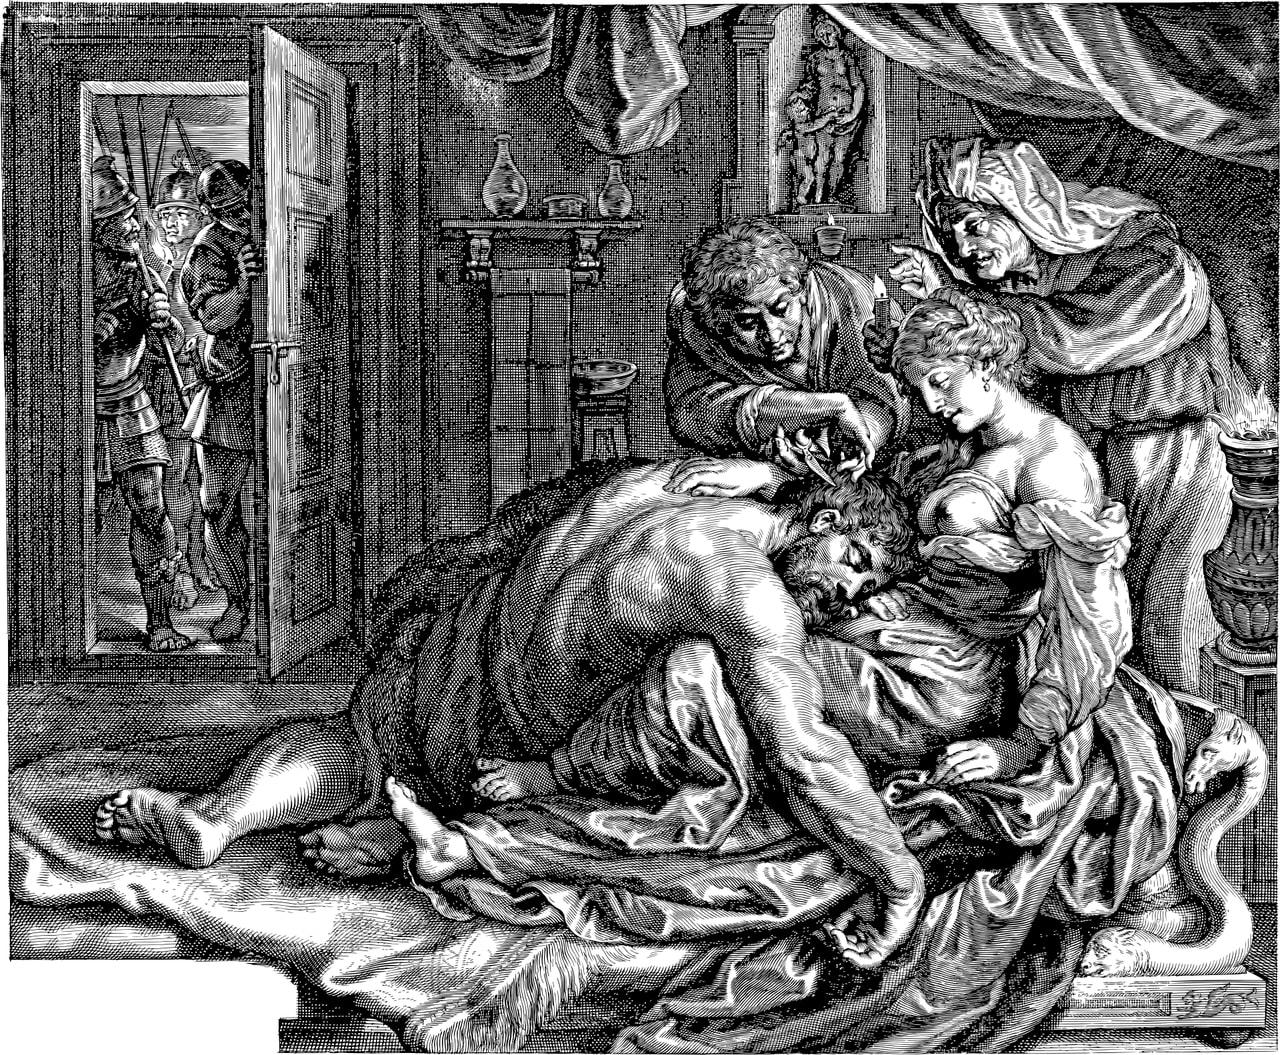 Искусственный интеллект признал один из шедевров Рубенса подделкой